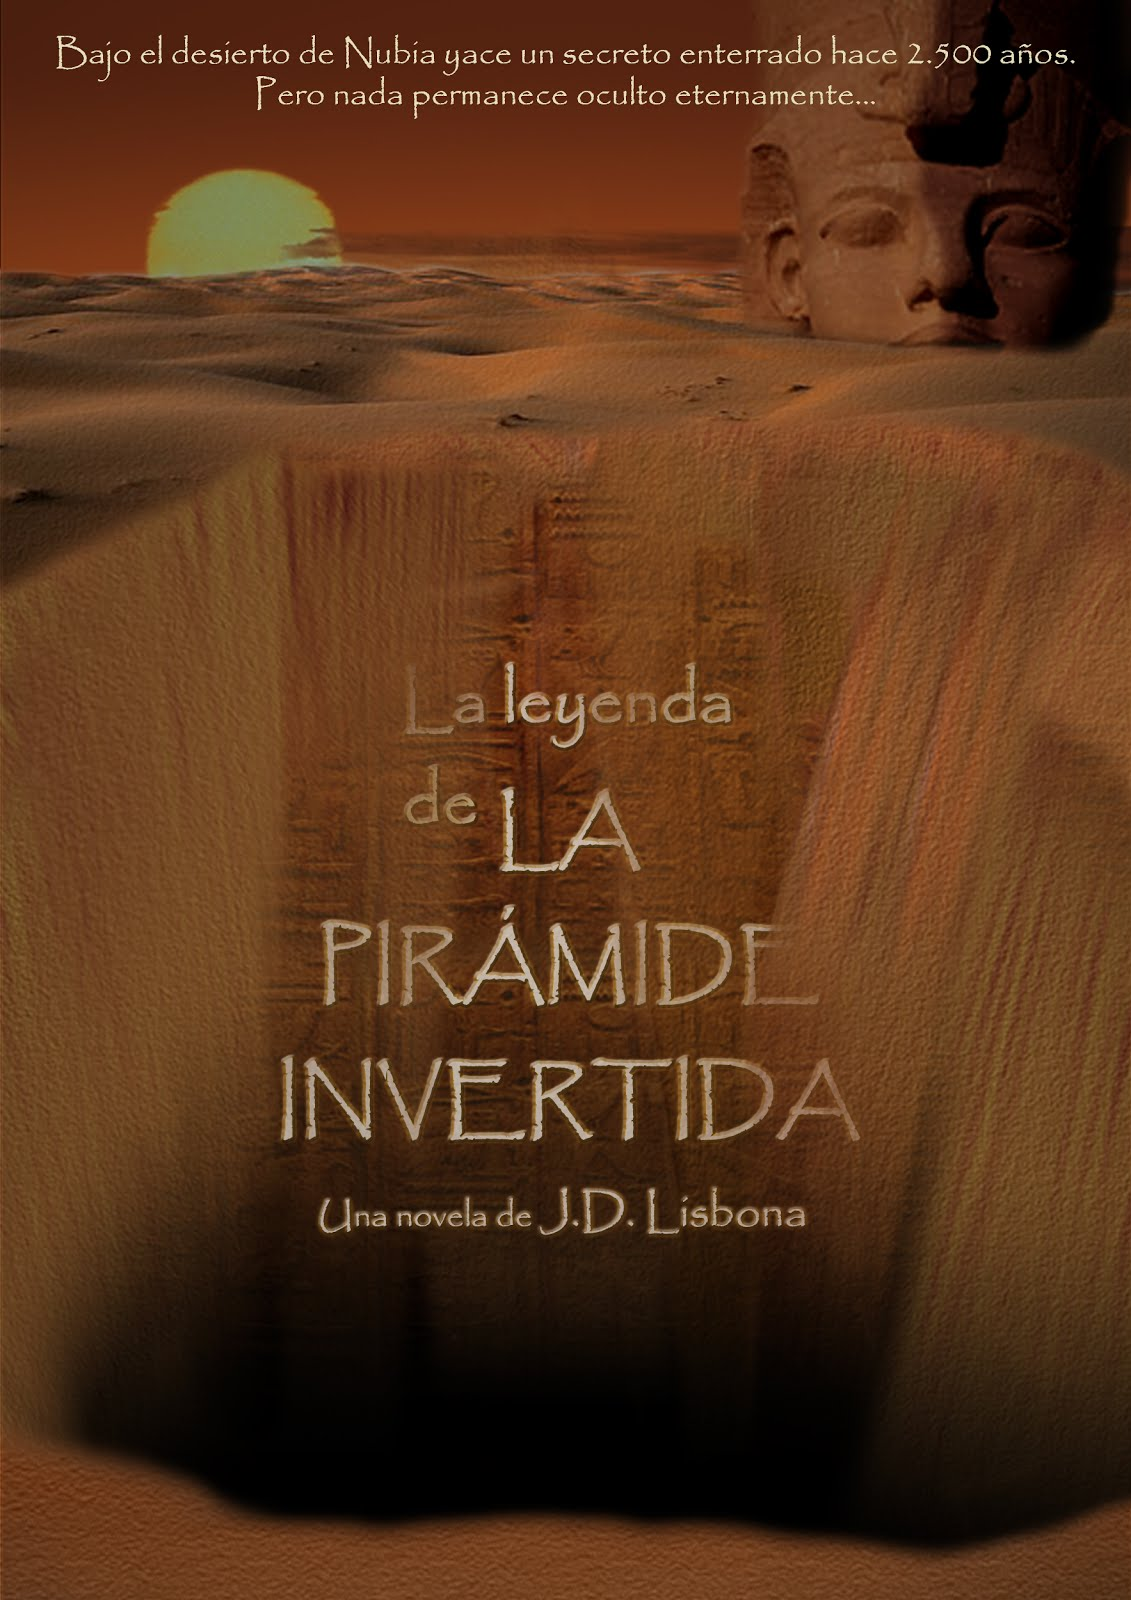 LA LEYENDA DE LA PIRÁMIDE INVERTIDA